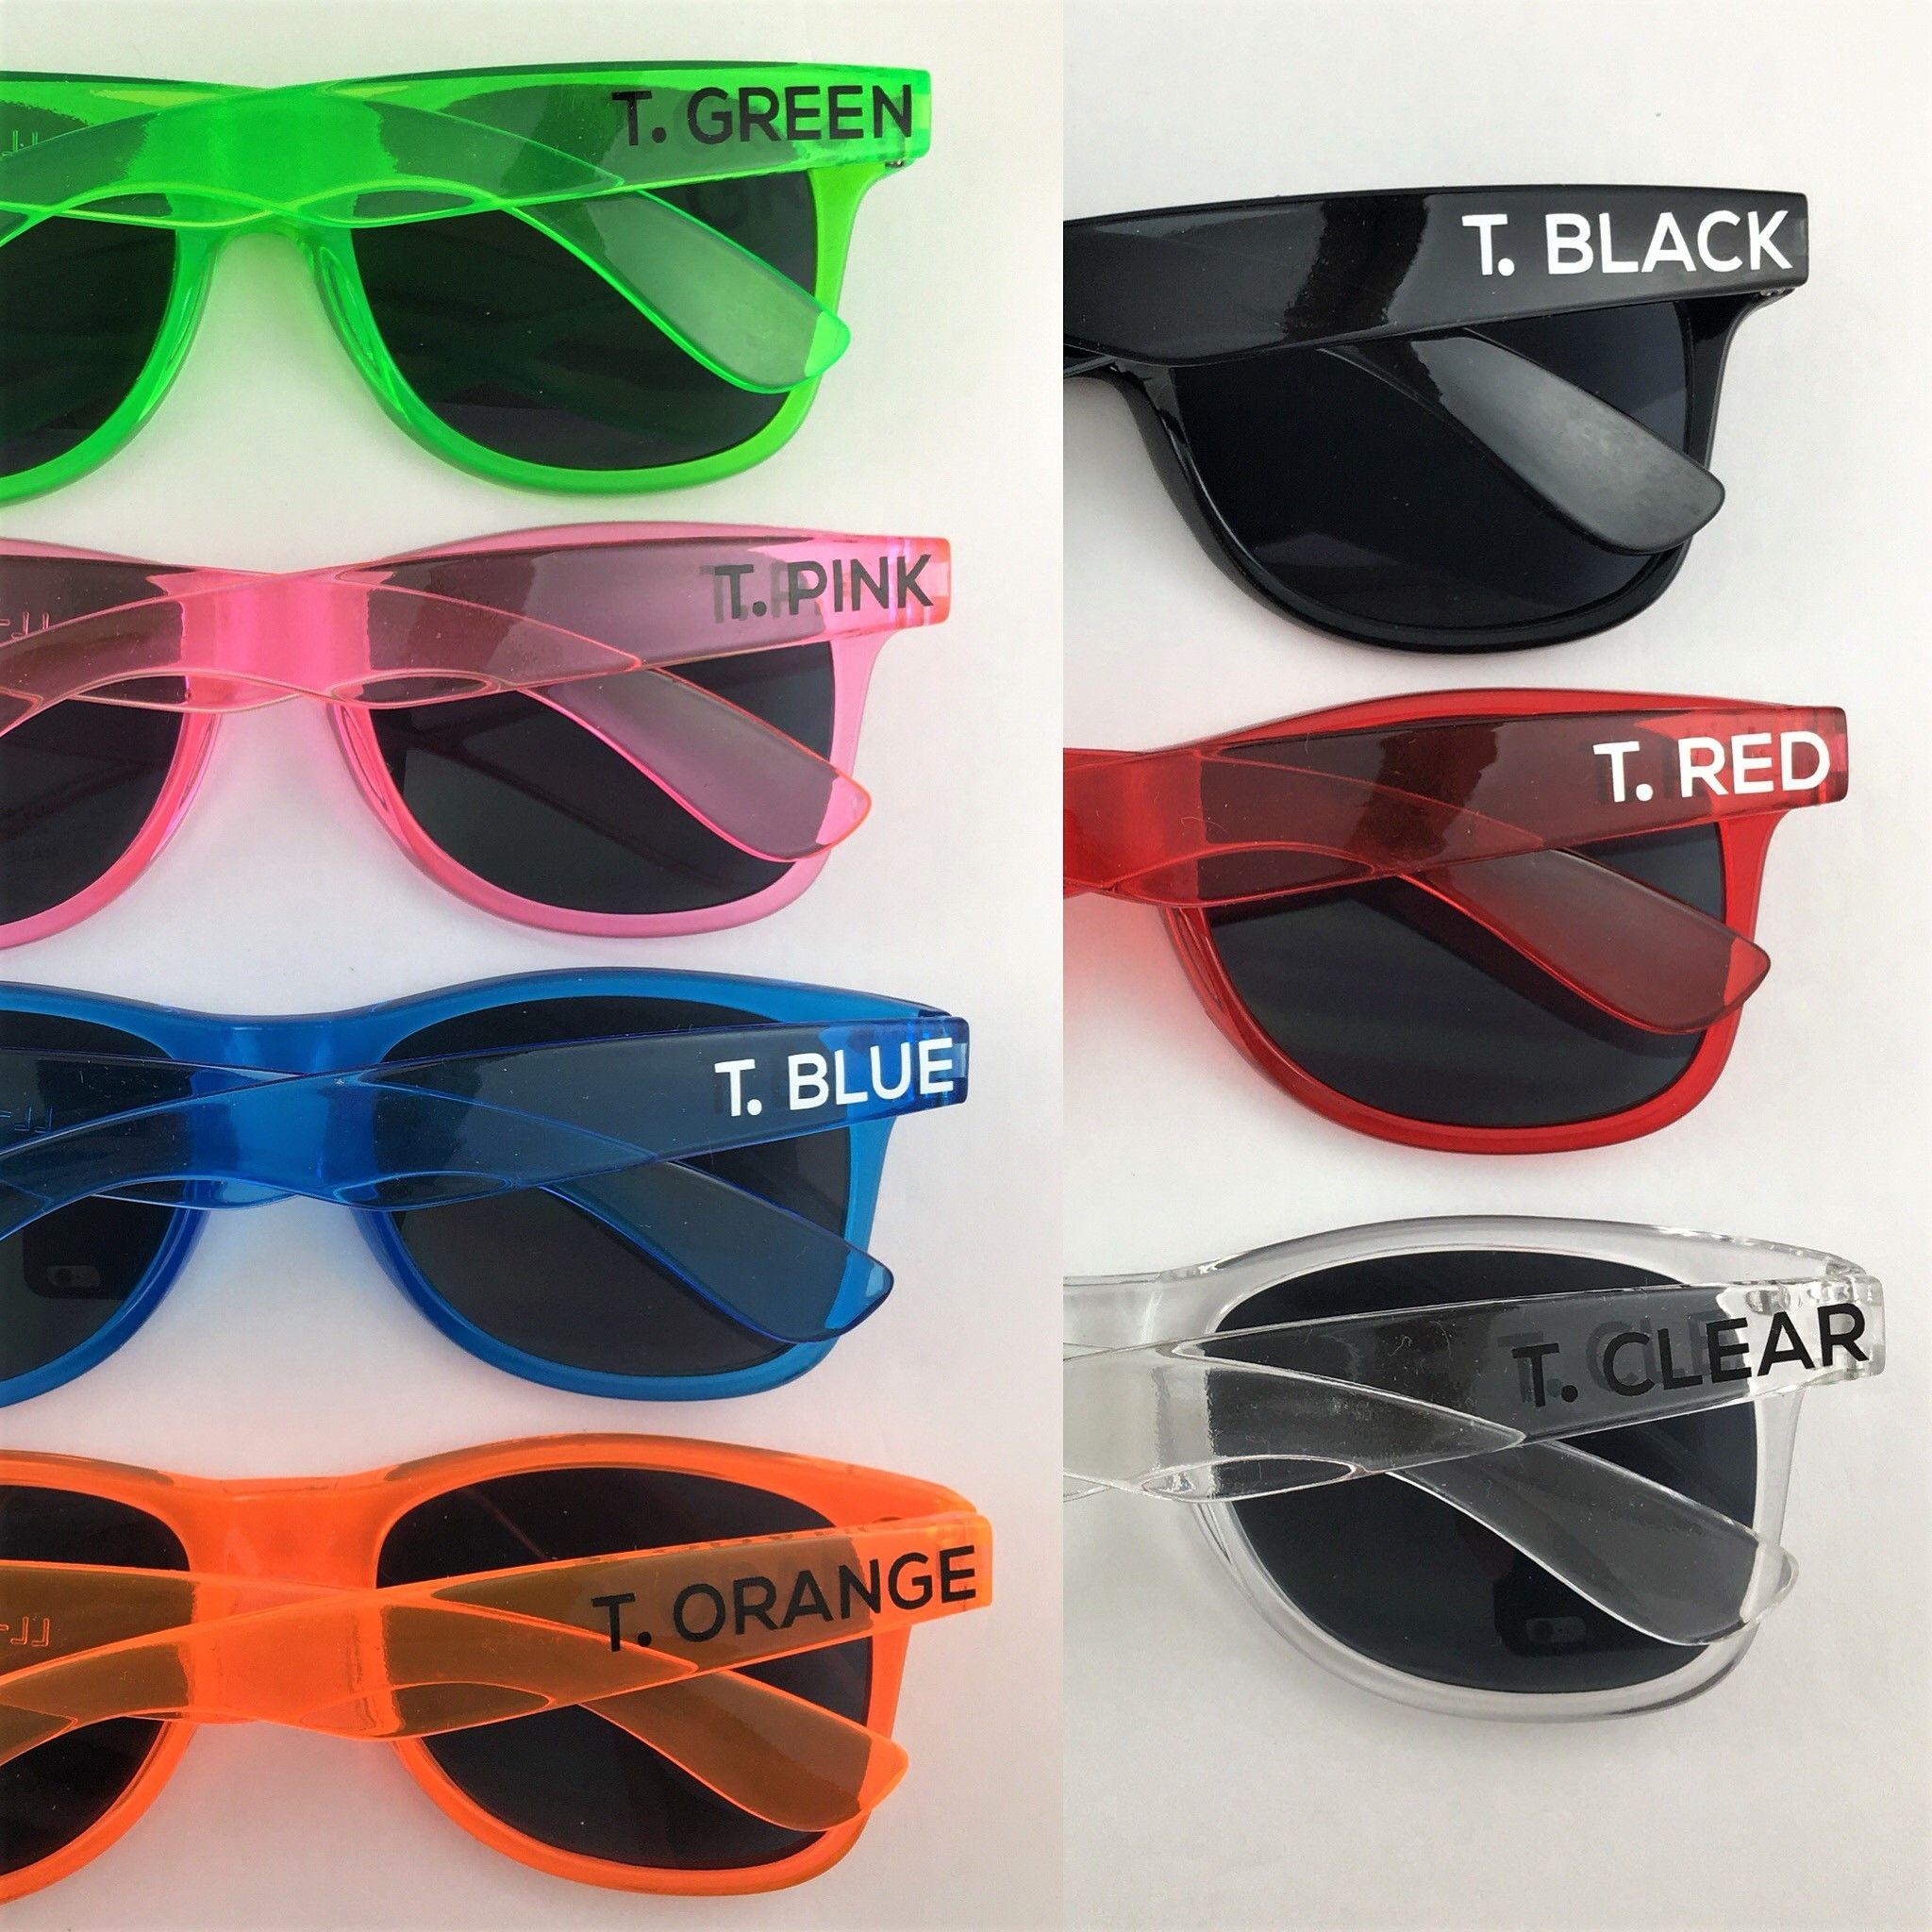 98c34fb7eb Transparent Personalized Sunglasses